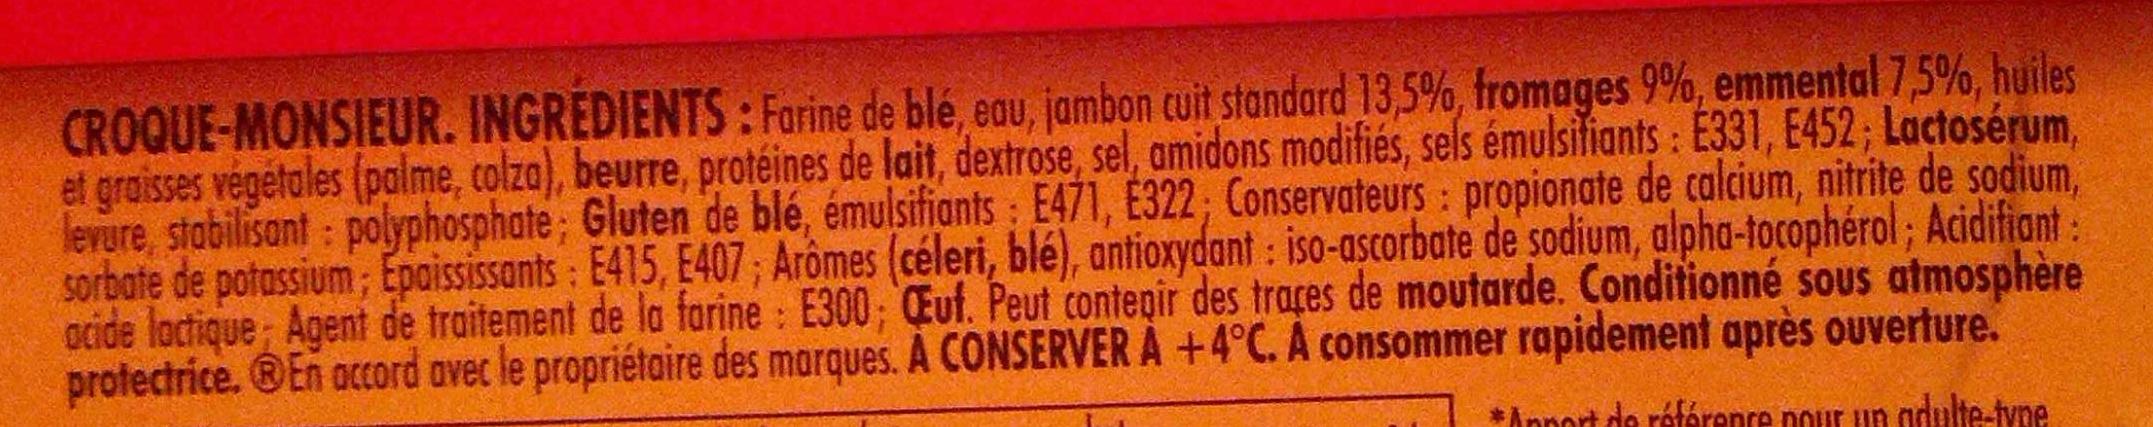 Tendre Croque, Classique Jambon Fromage (Format Familial x 4) - Ingrédients